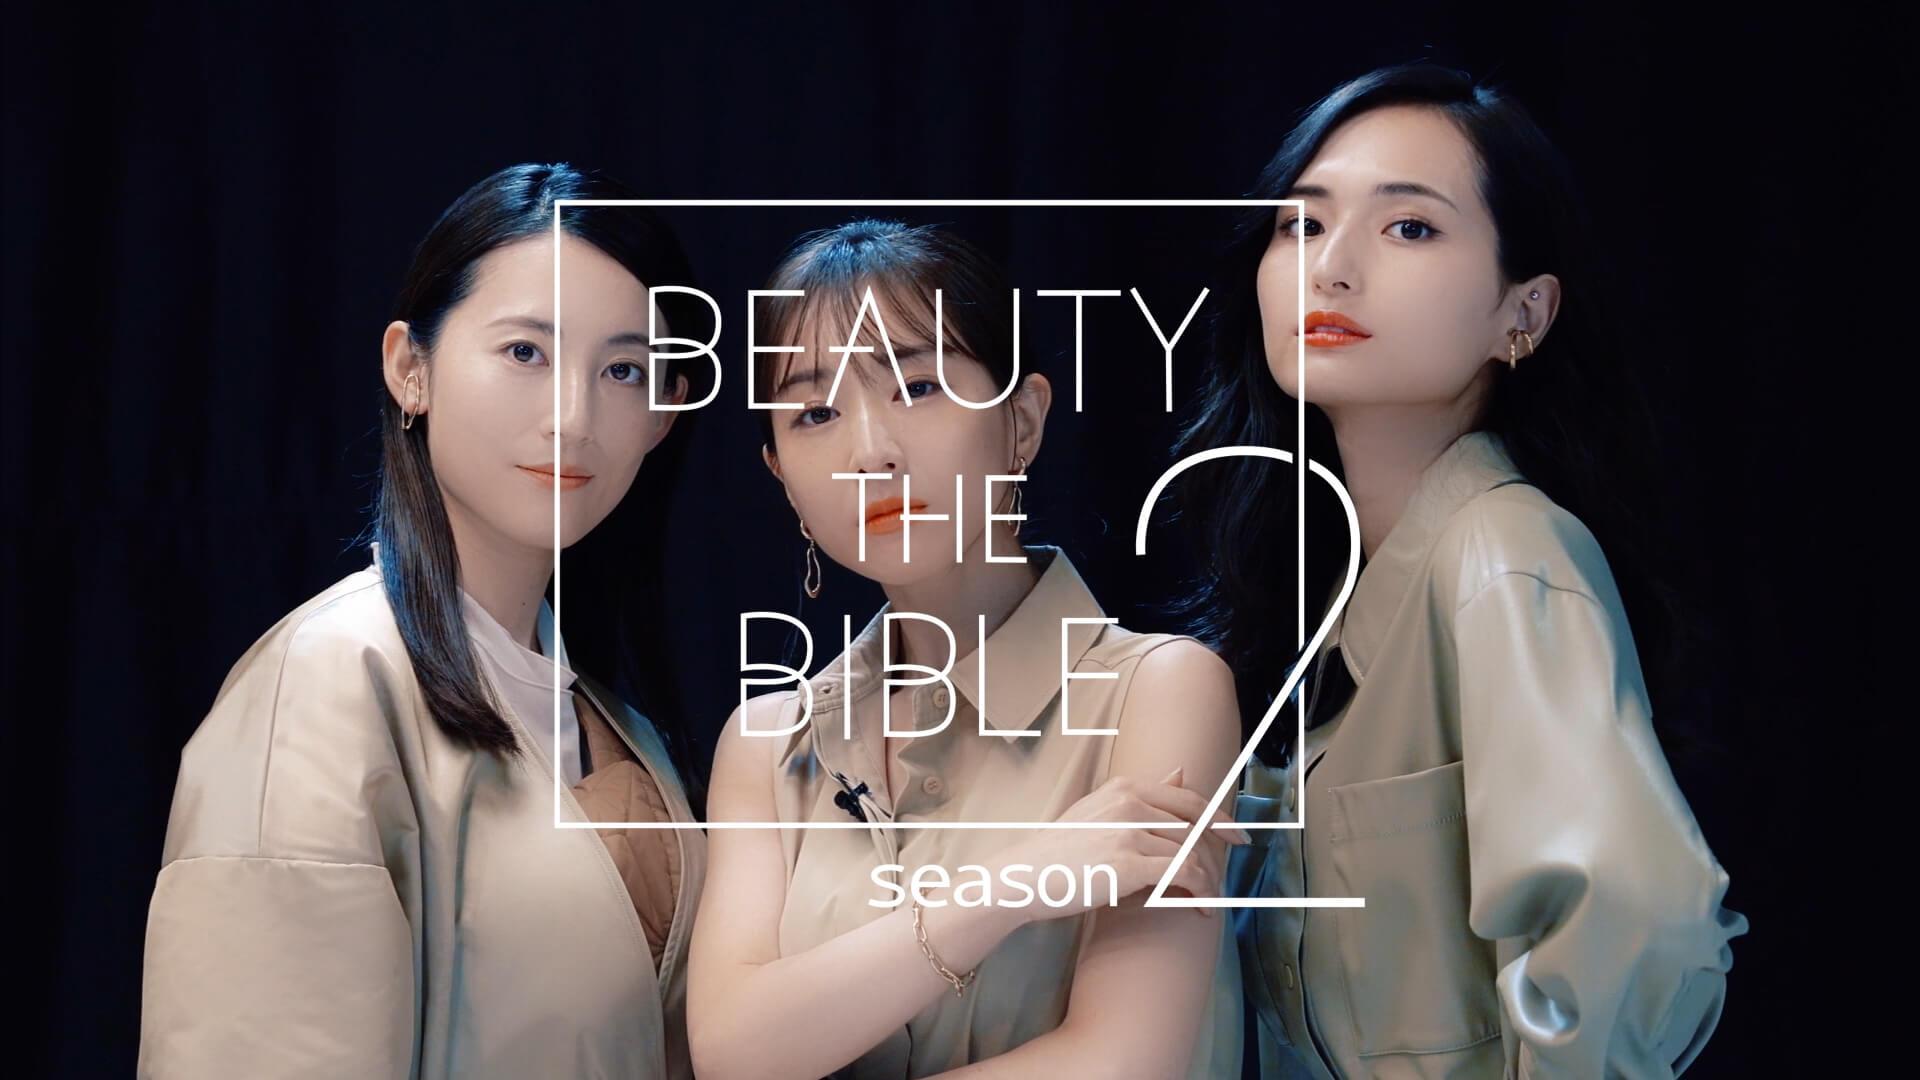 Amazon Prime Videoで田中みな実ら出演『BEAUTY THE BIBLE』シーズン2が独占配信決定!山賀琴子がMCに新加入 art201119_btb_7